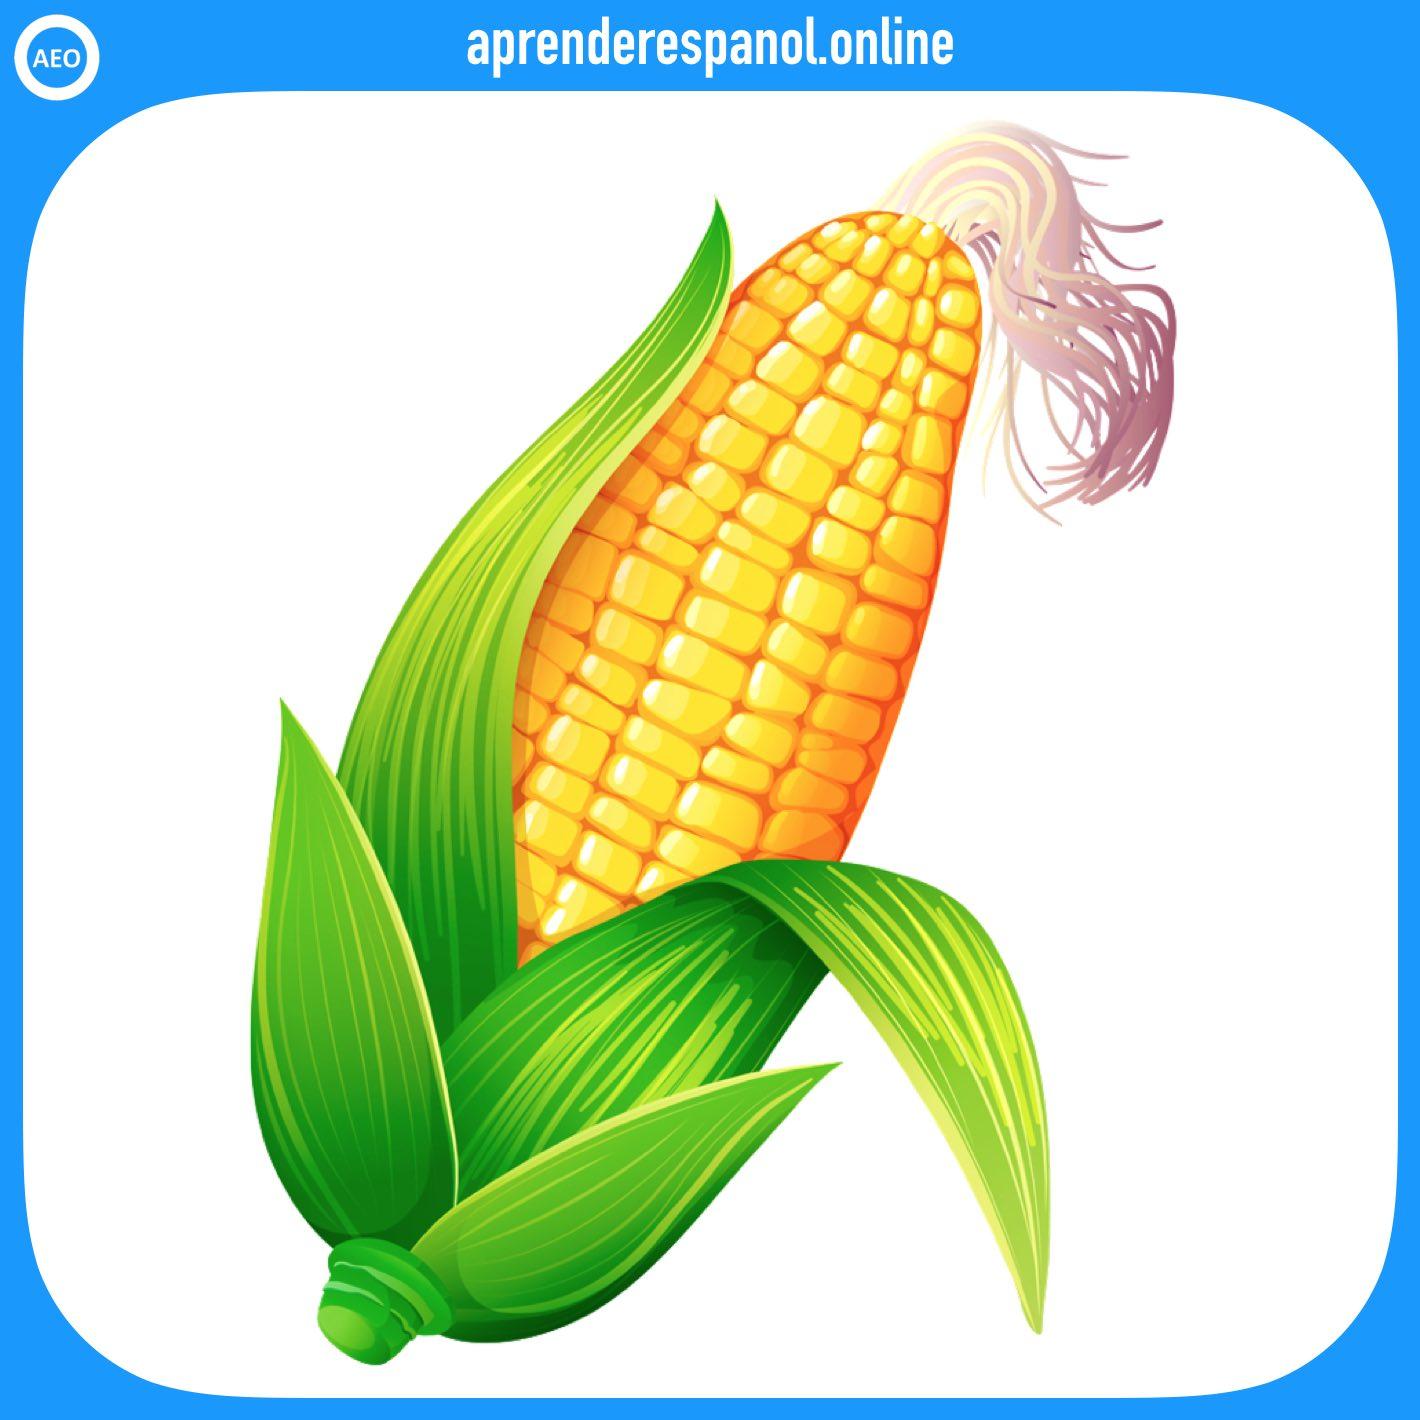 maíz | verduras en español | vocabulario de las verduras en español